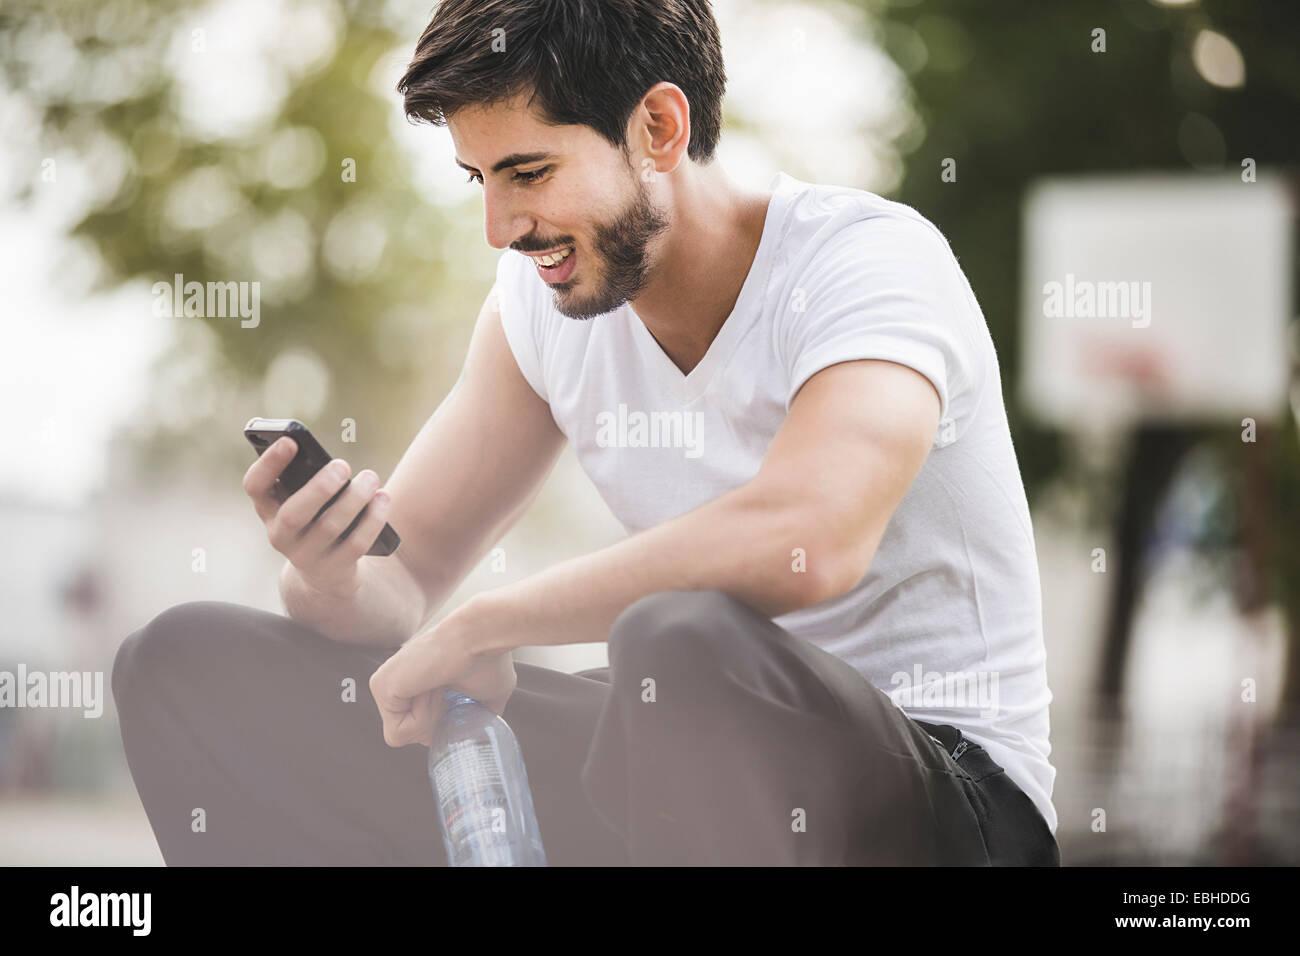 Jóvenes de baloncesto masculino a leer textos en smartphone Imagen De Stock